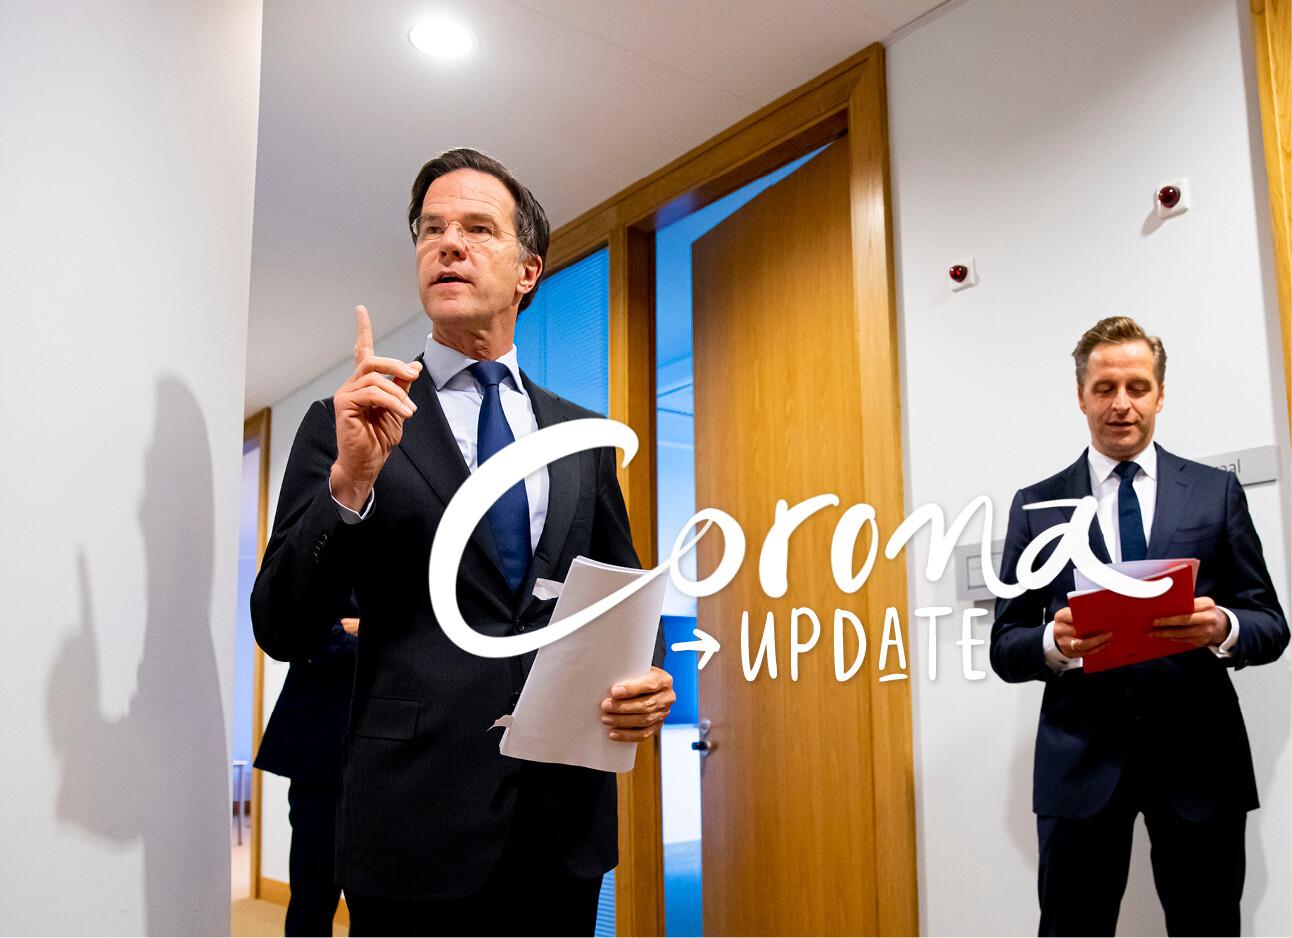 Een corona-update in minder dan 1 minuut